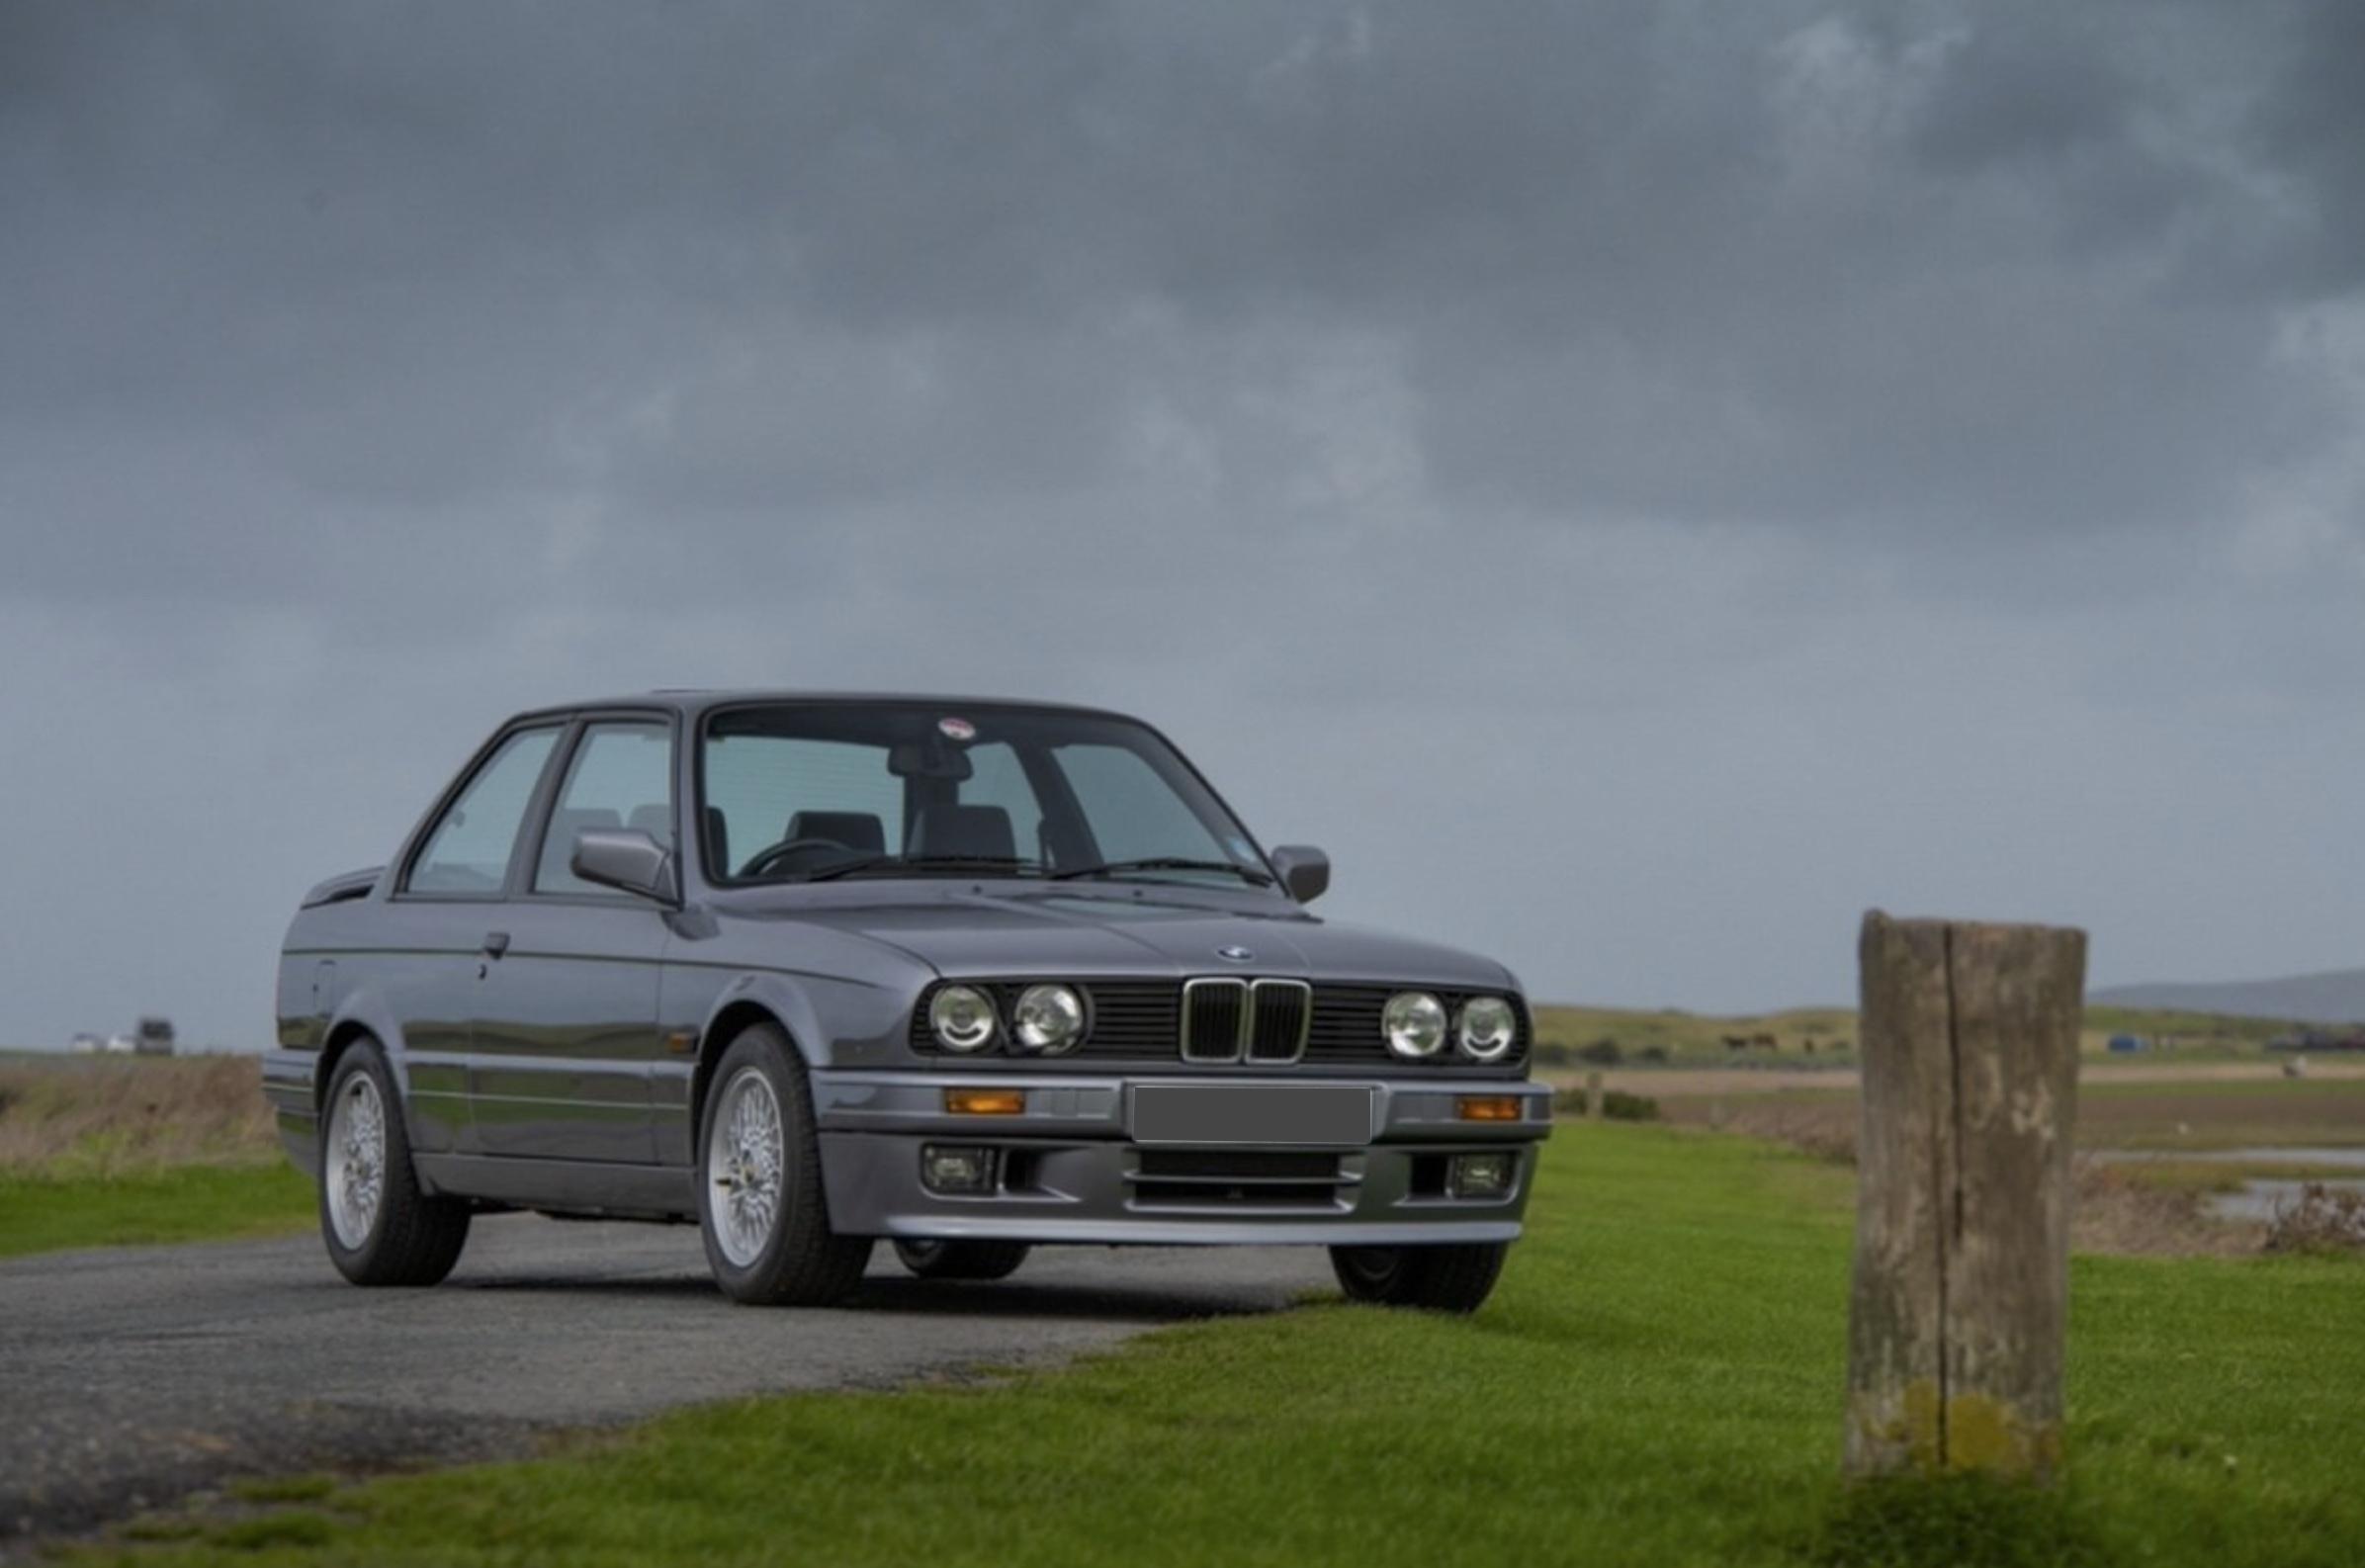 1985 BMW E30 - Marché de la Collection.